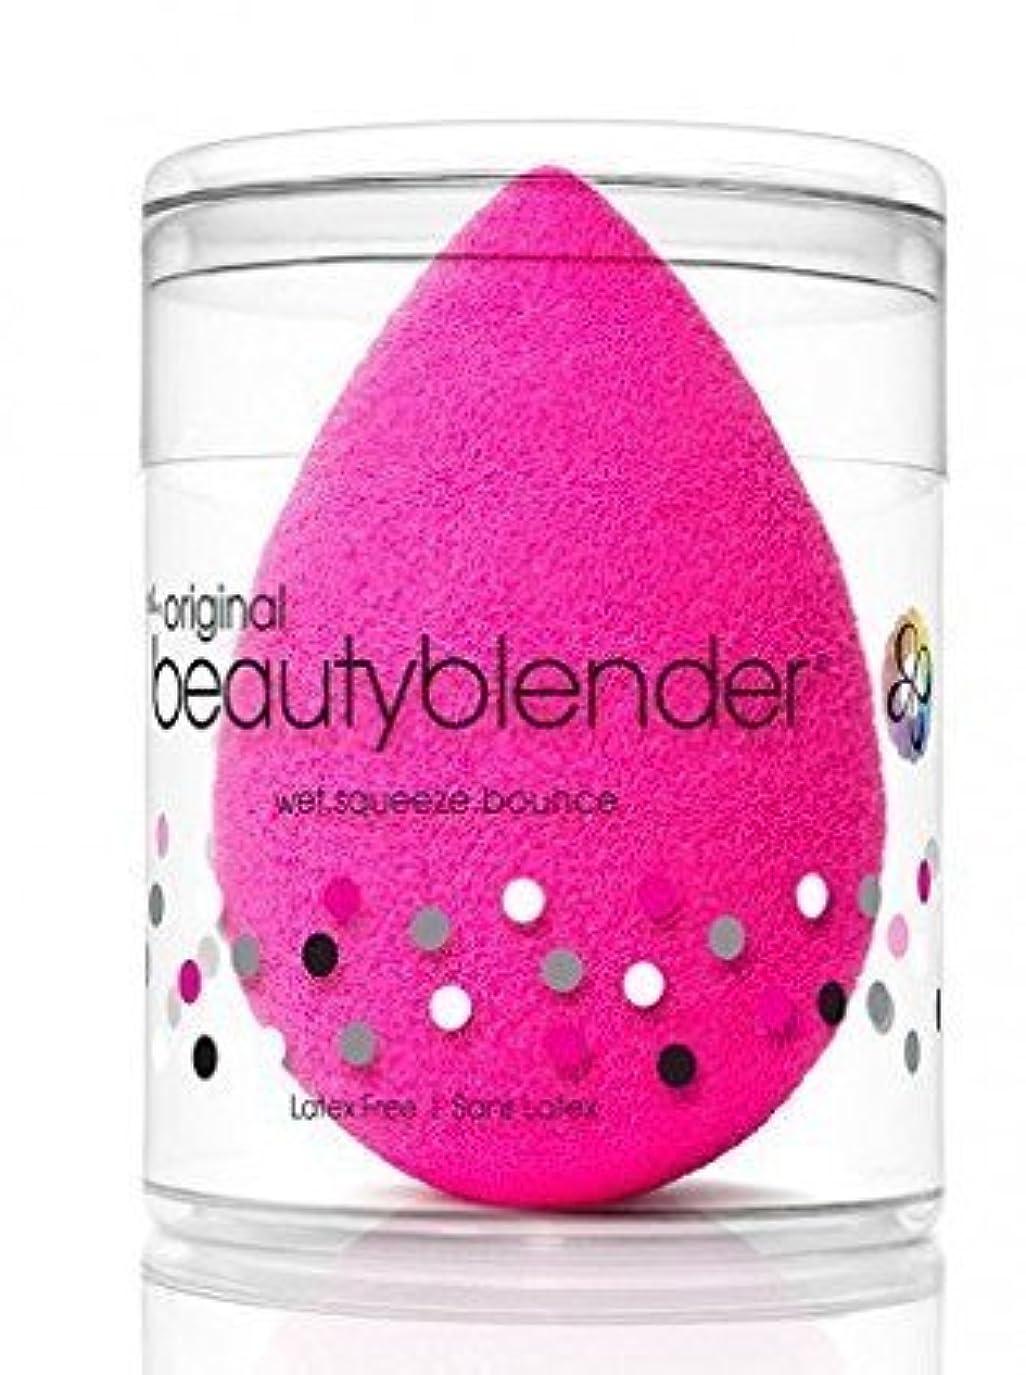 発明売上高判決beautyblender pink (ビューティブレンダー ピンク)